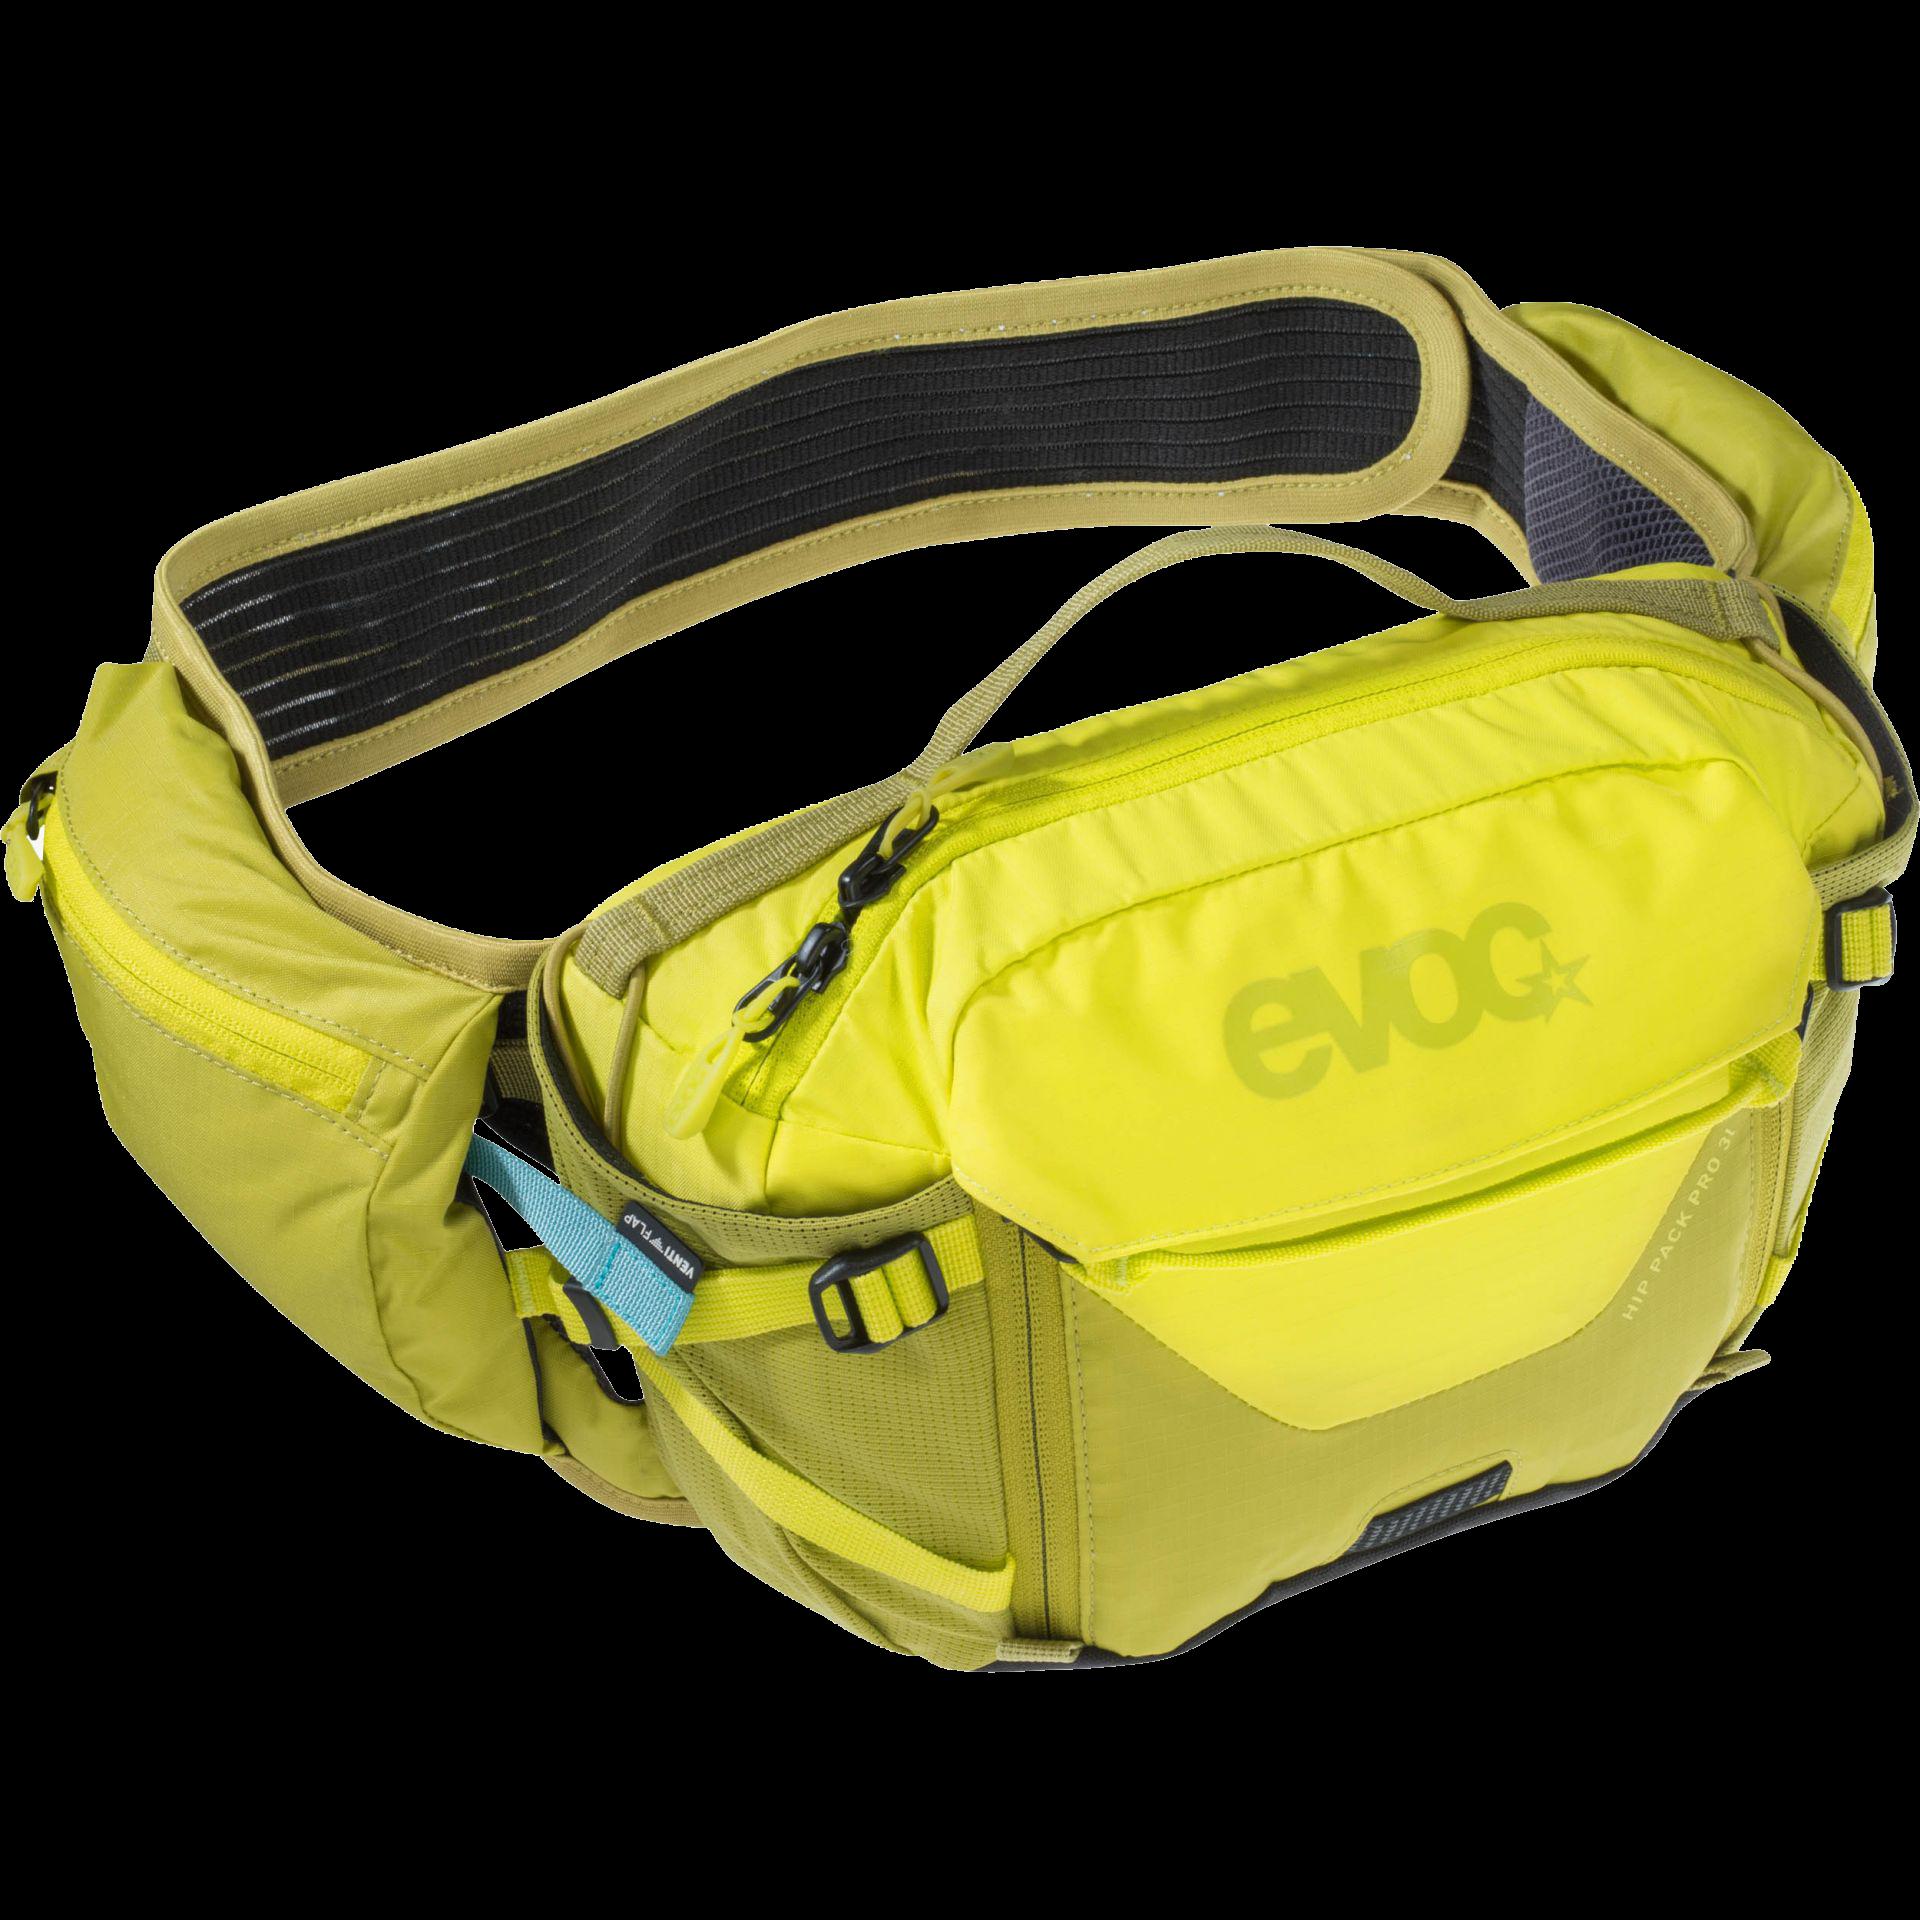 EVOC Hip Pack Pro 3-2